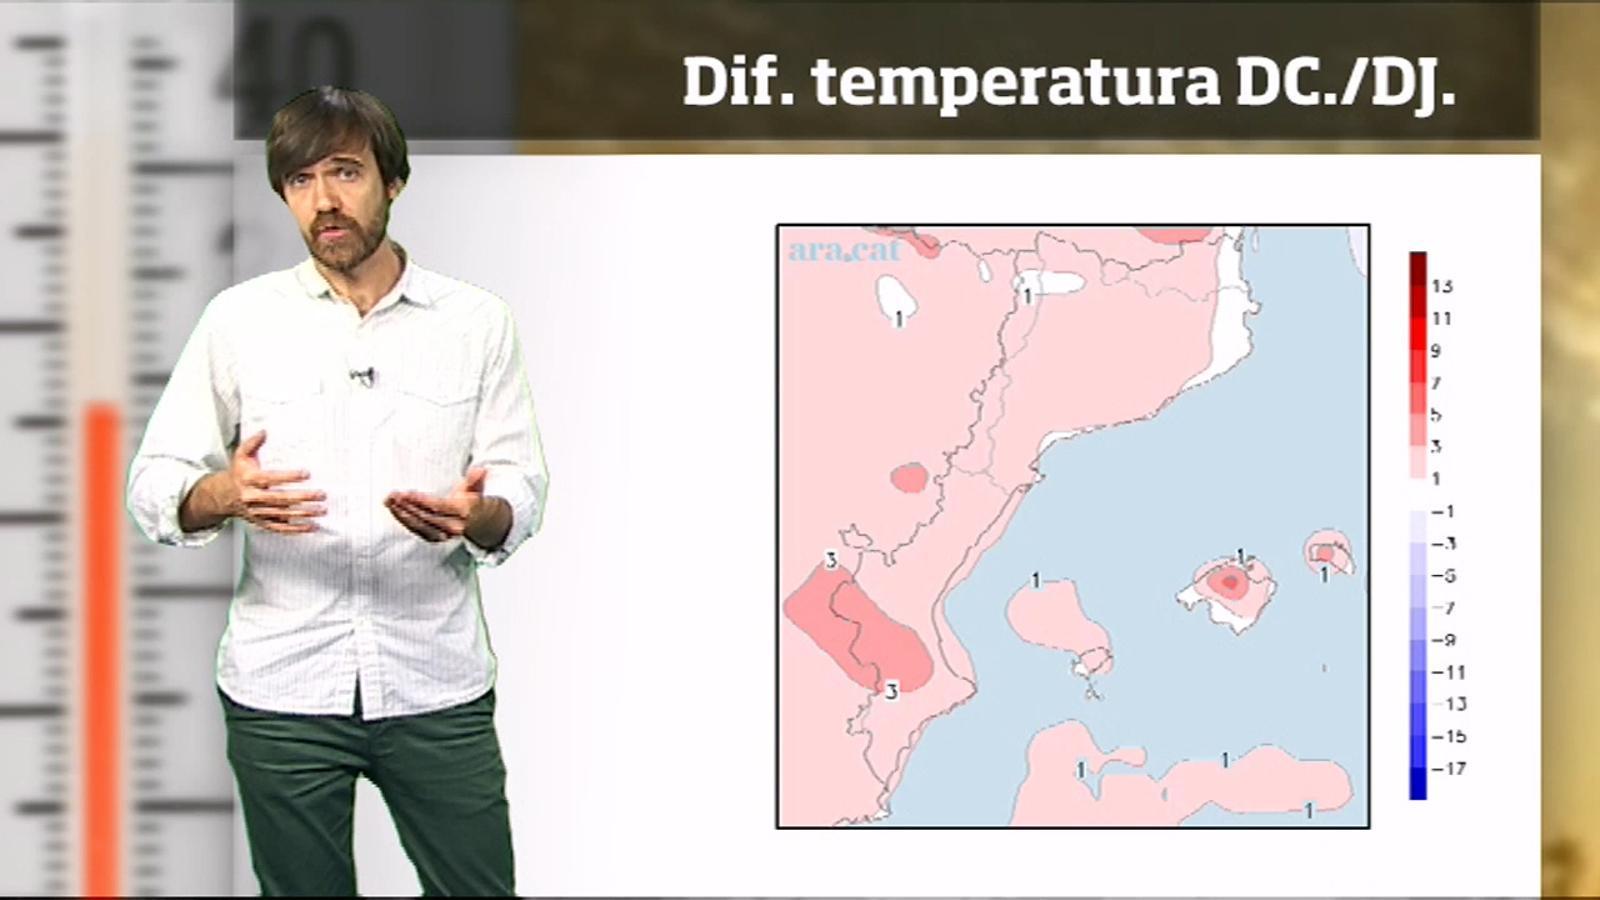 La méteo en 1 minut: calor encara més intensa